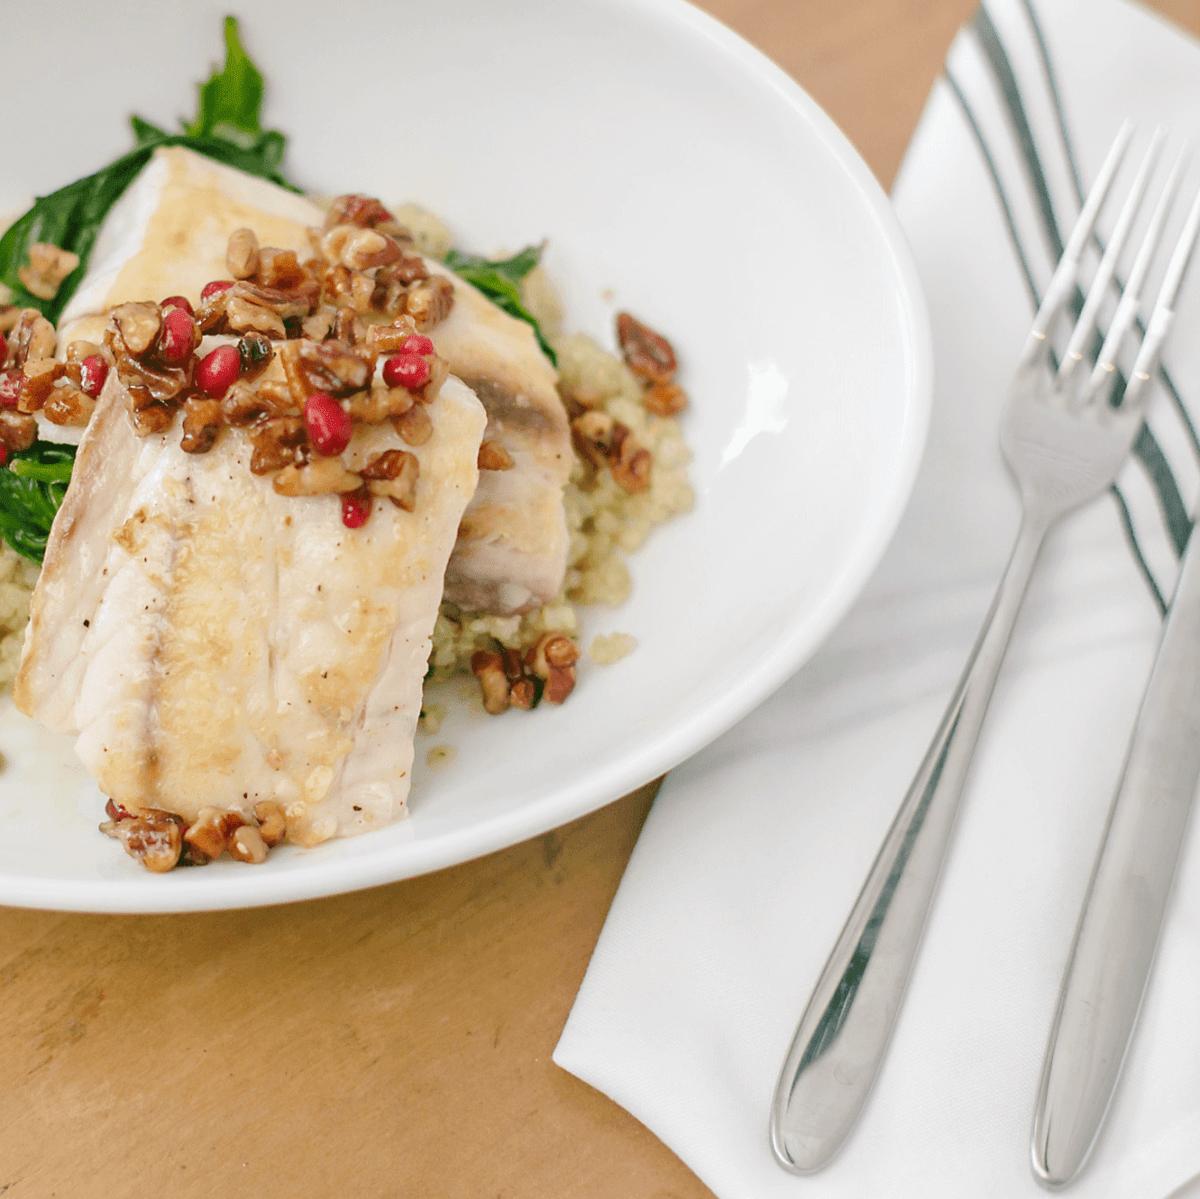 Picnik Burnet Road restaurant fish food